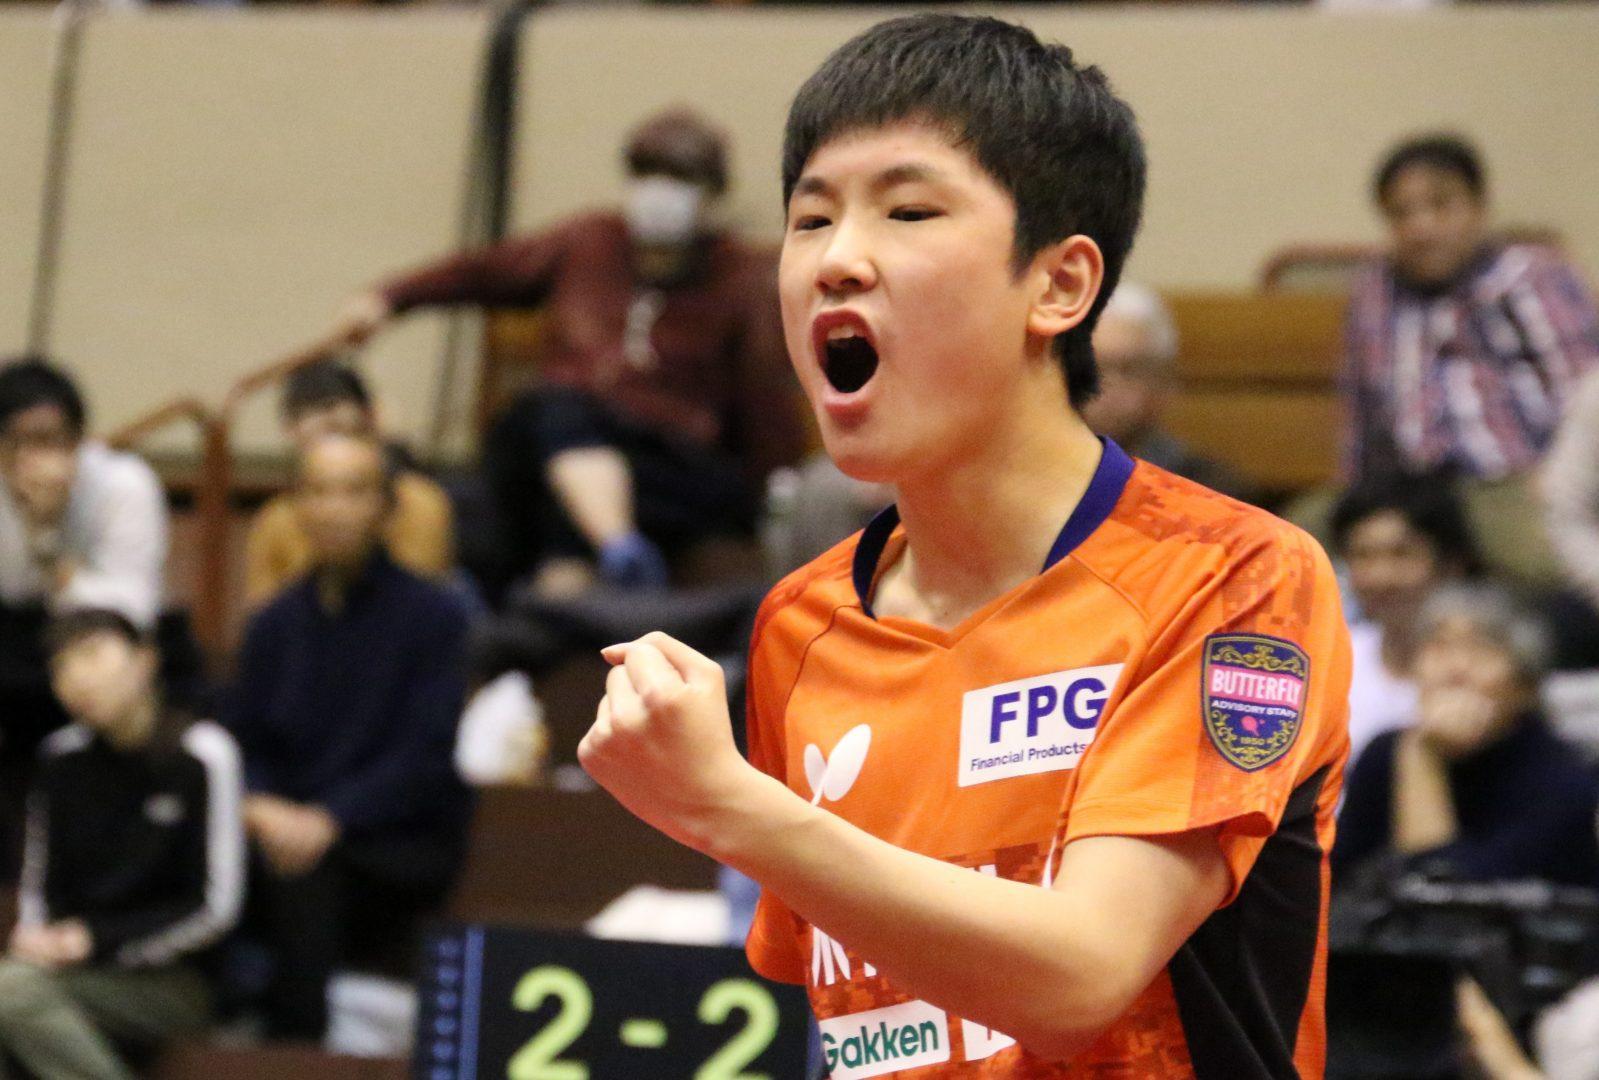 張本智和、地元で嬉しい2連覇 「仙台の皆さんの前で勝ちたかった」<ジャパントップ12>